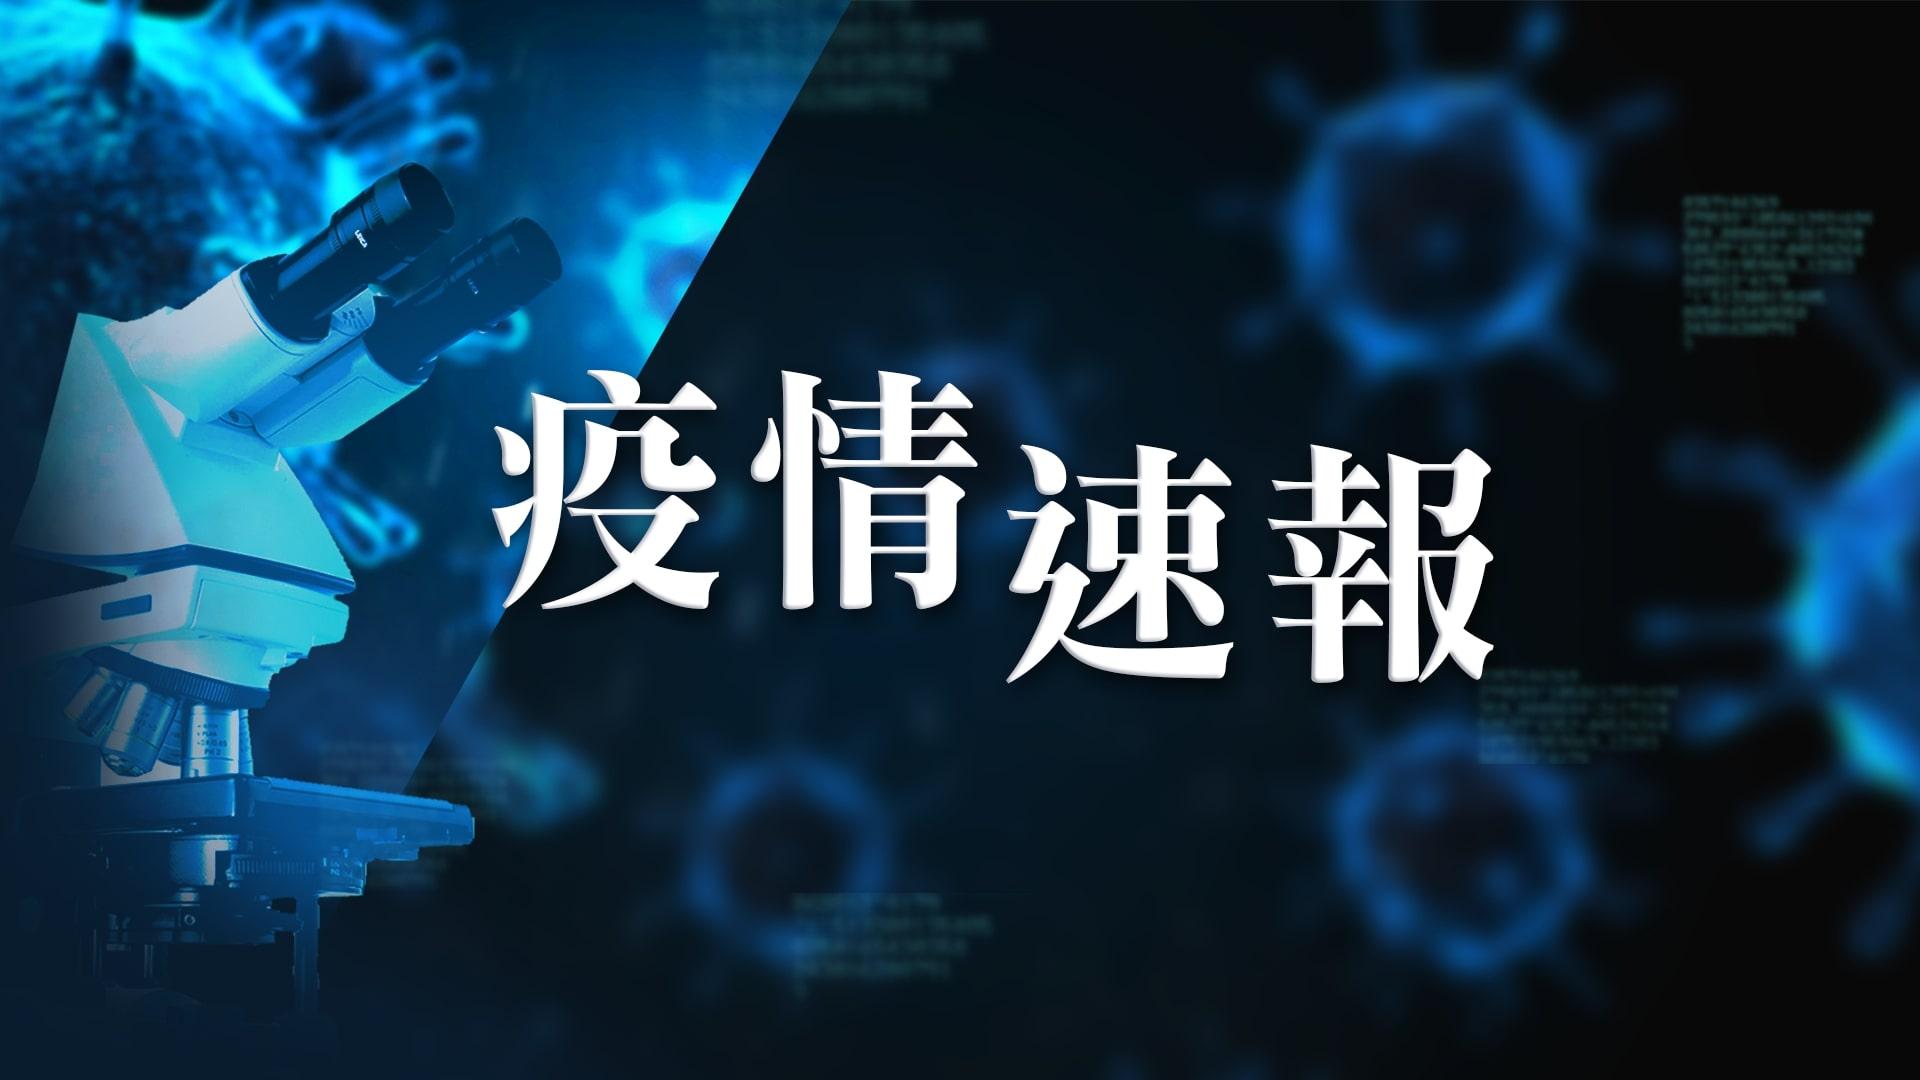 【12月1日疫情速報】(21:15)